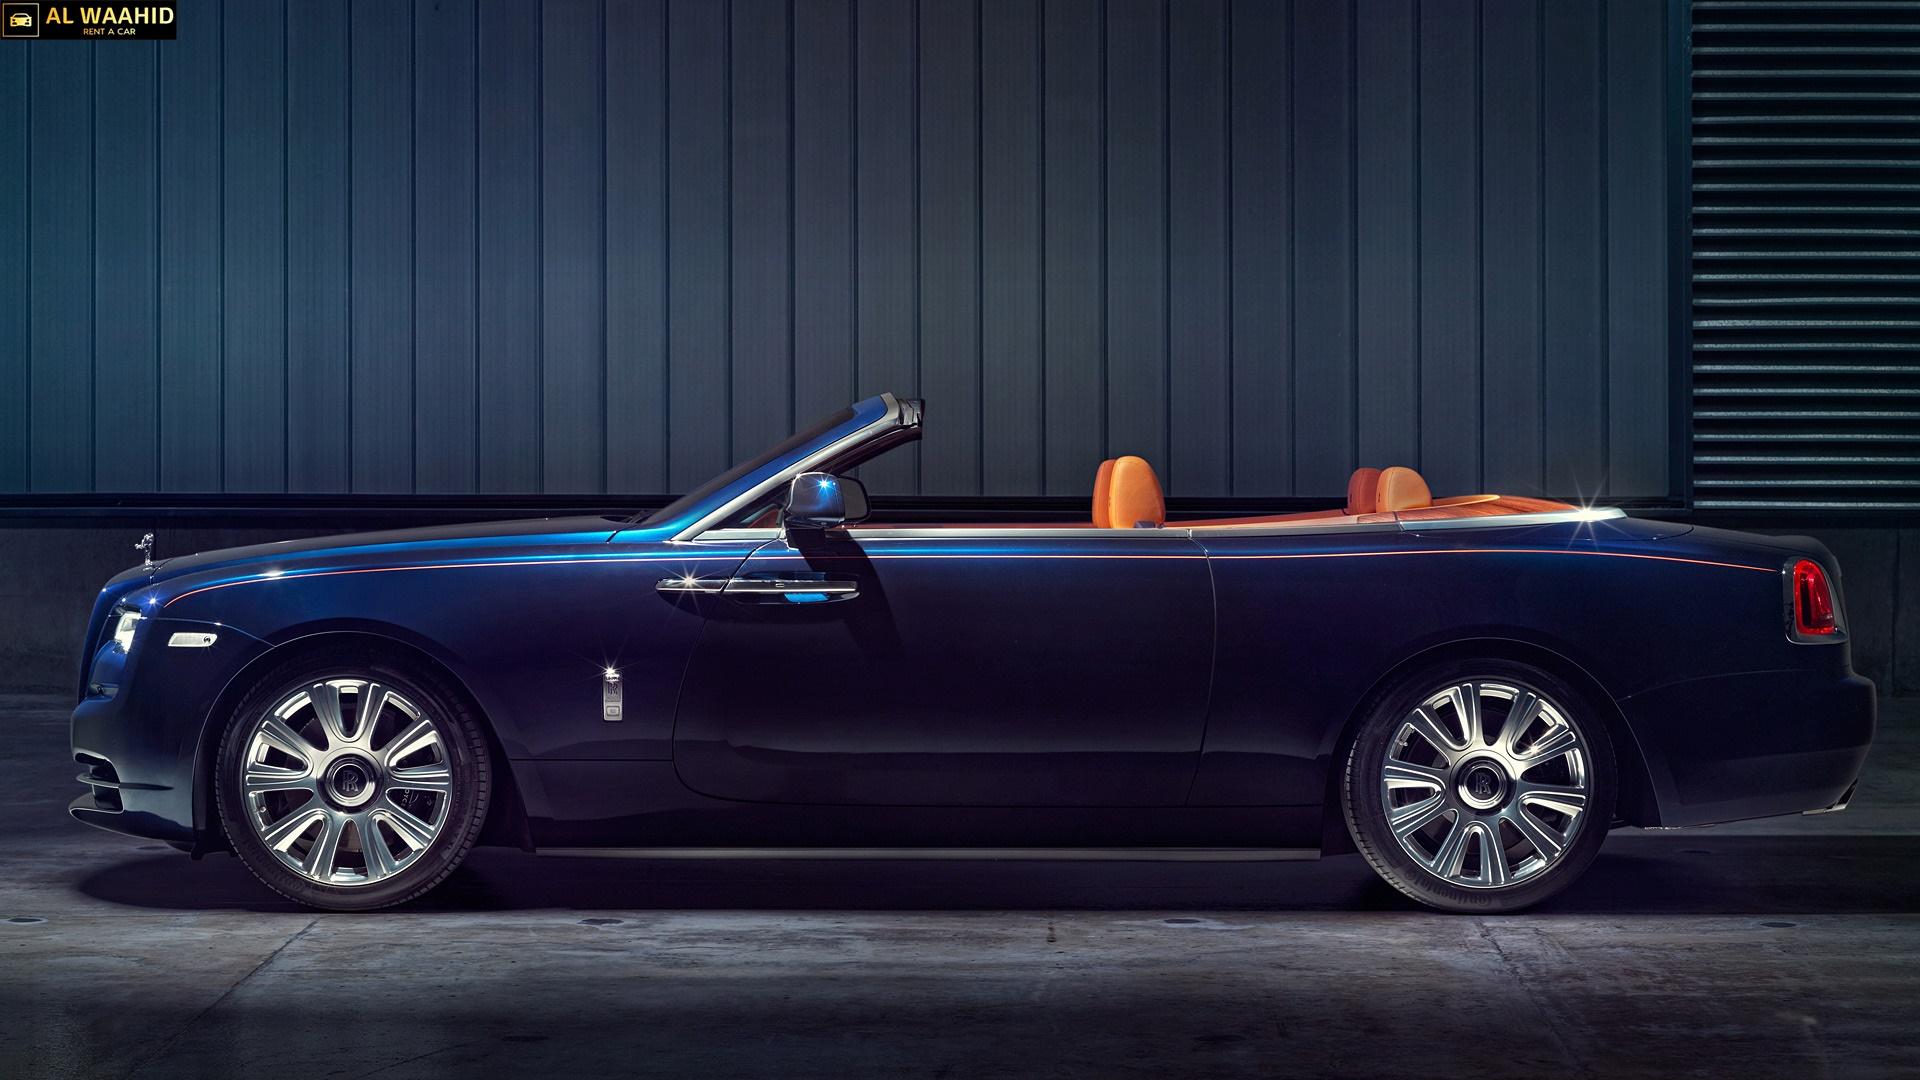 Rolls Royce Dawn  luxury car rental dubai alwaahid rent a car